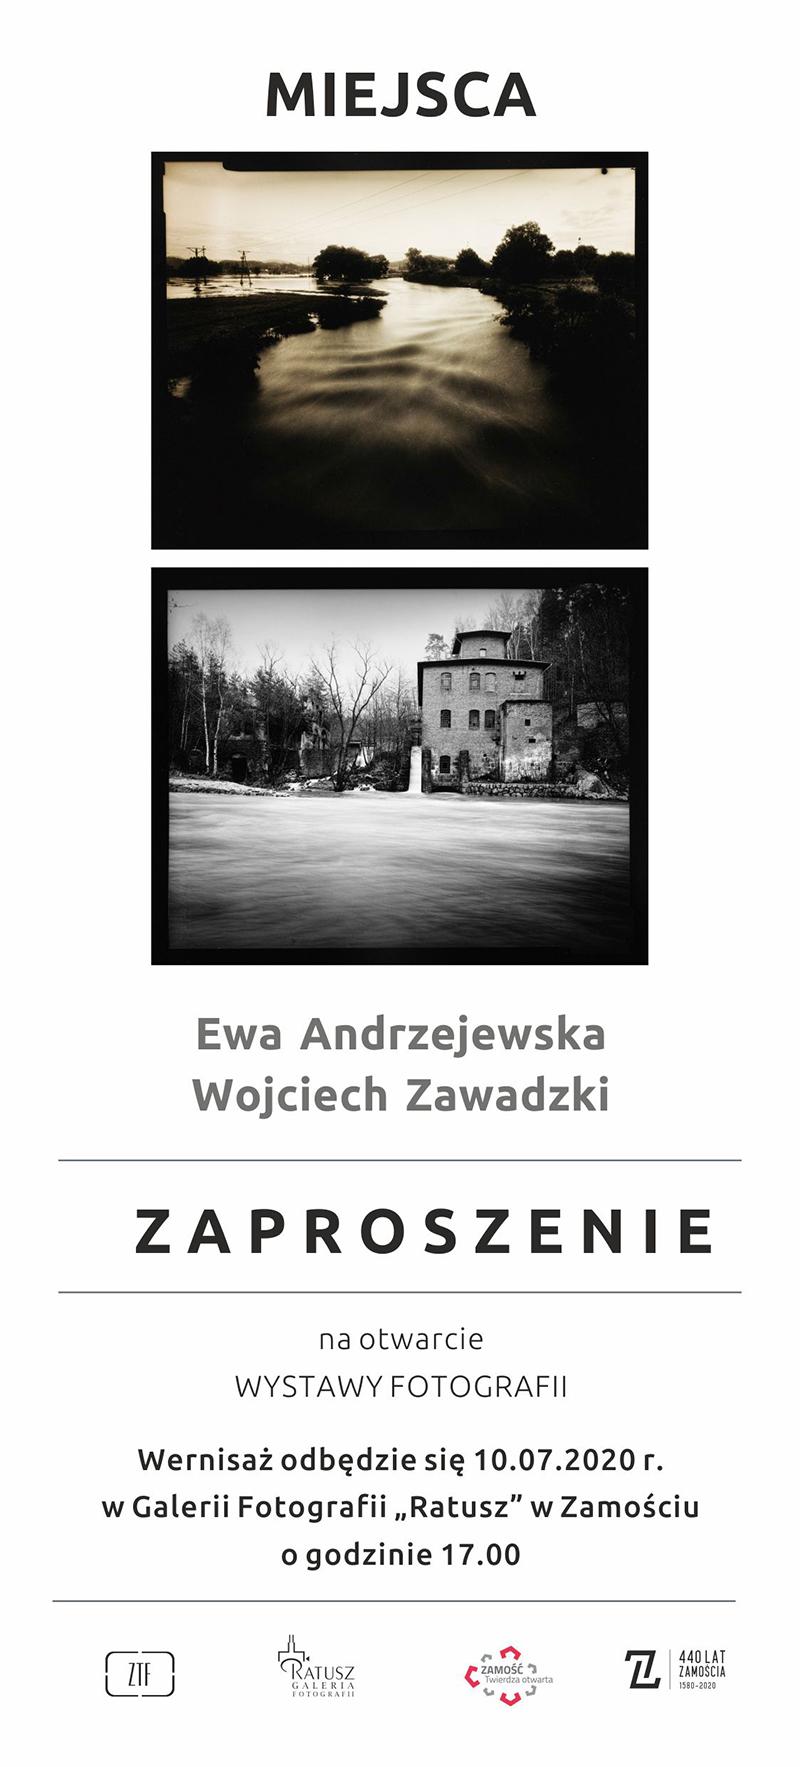 andrzejewska zawadzki zapro